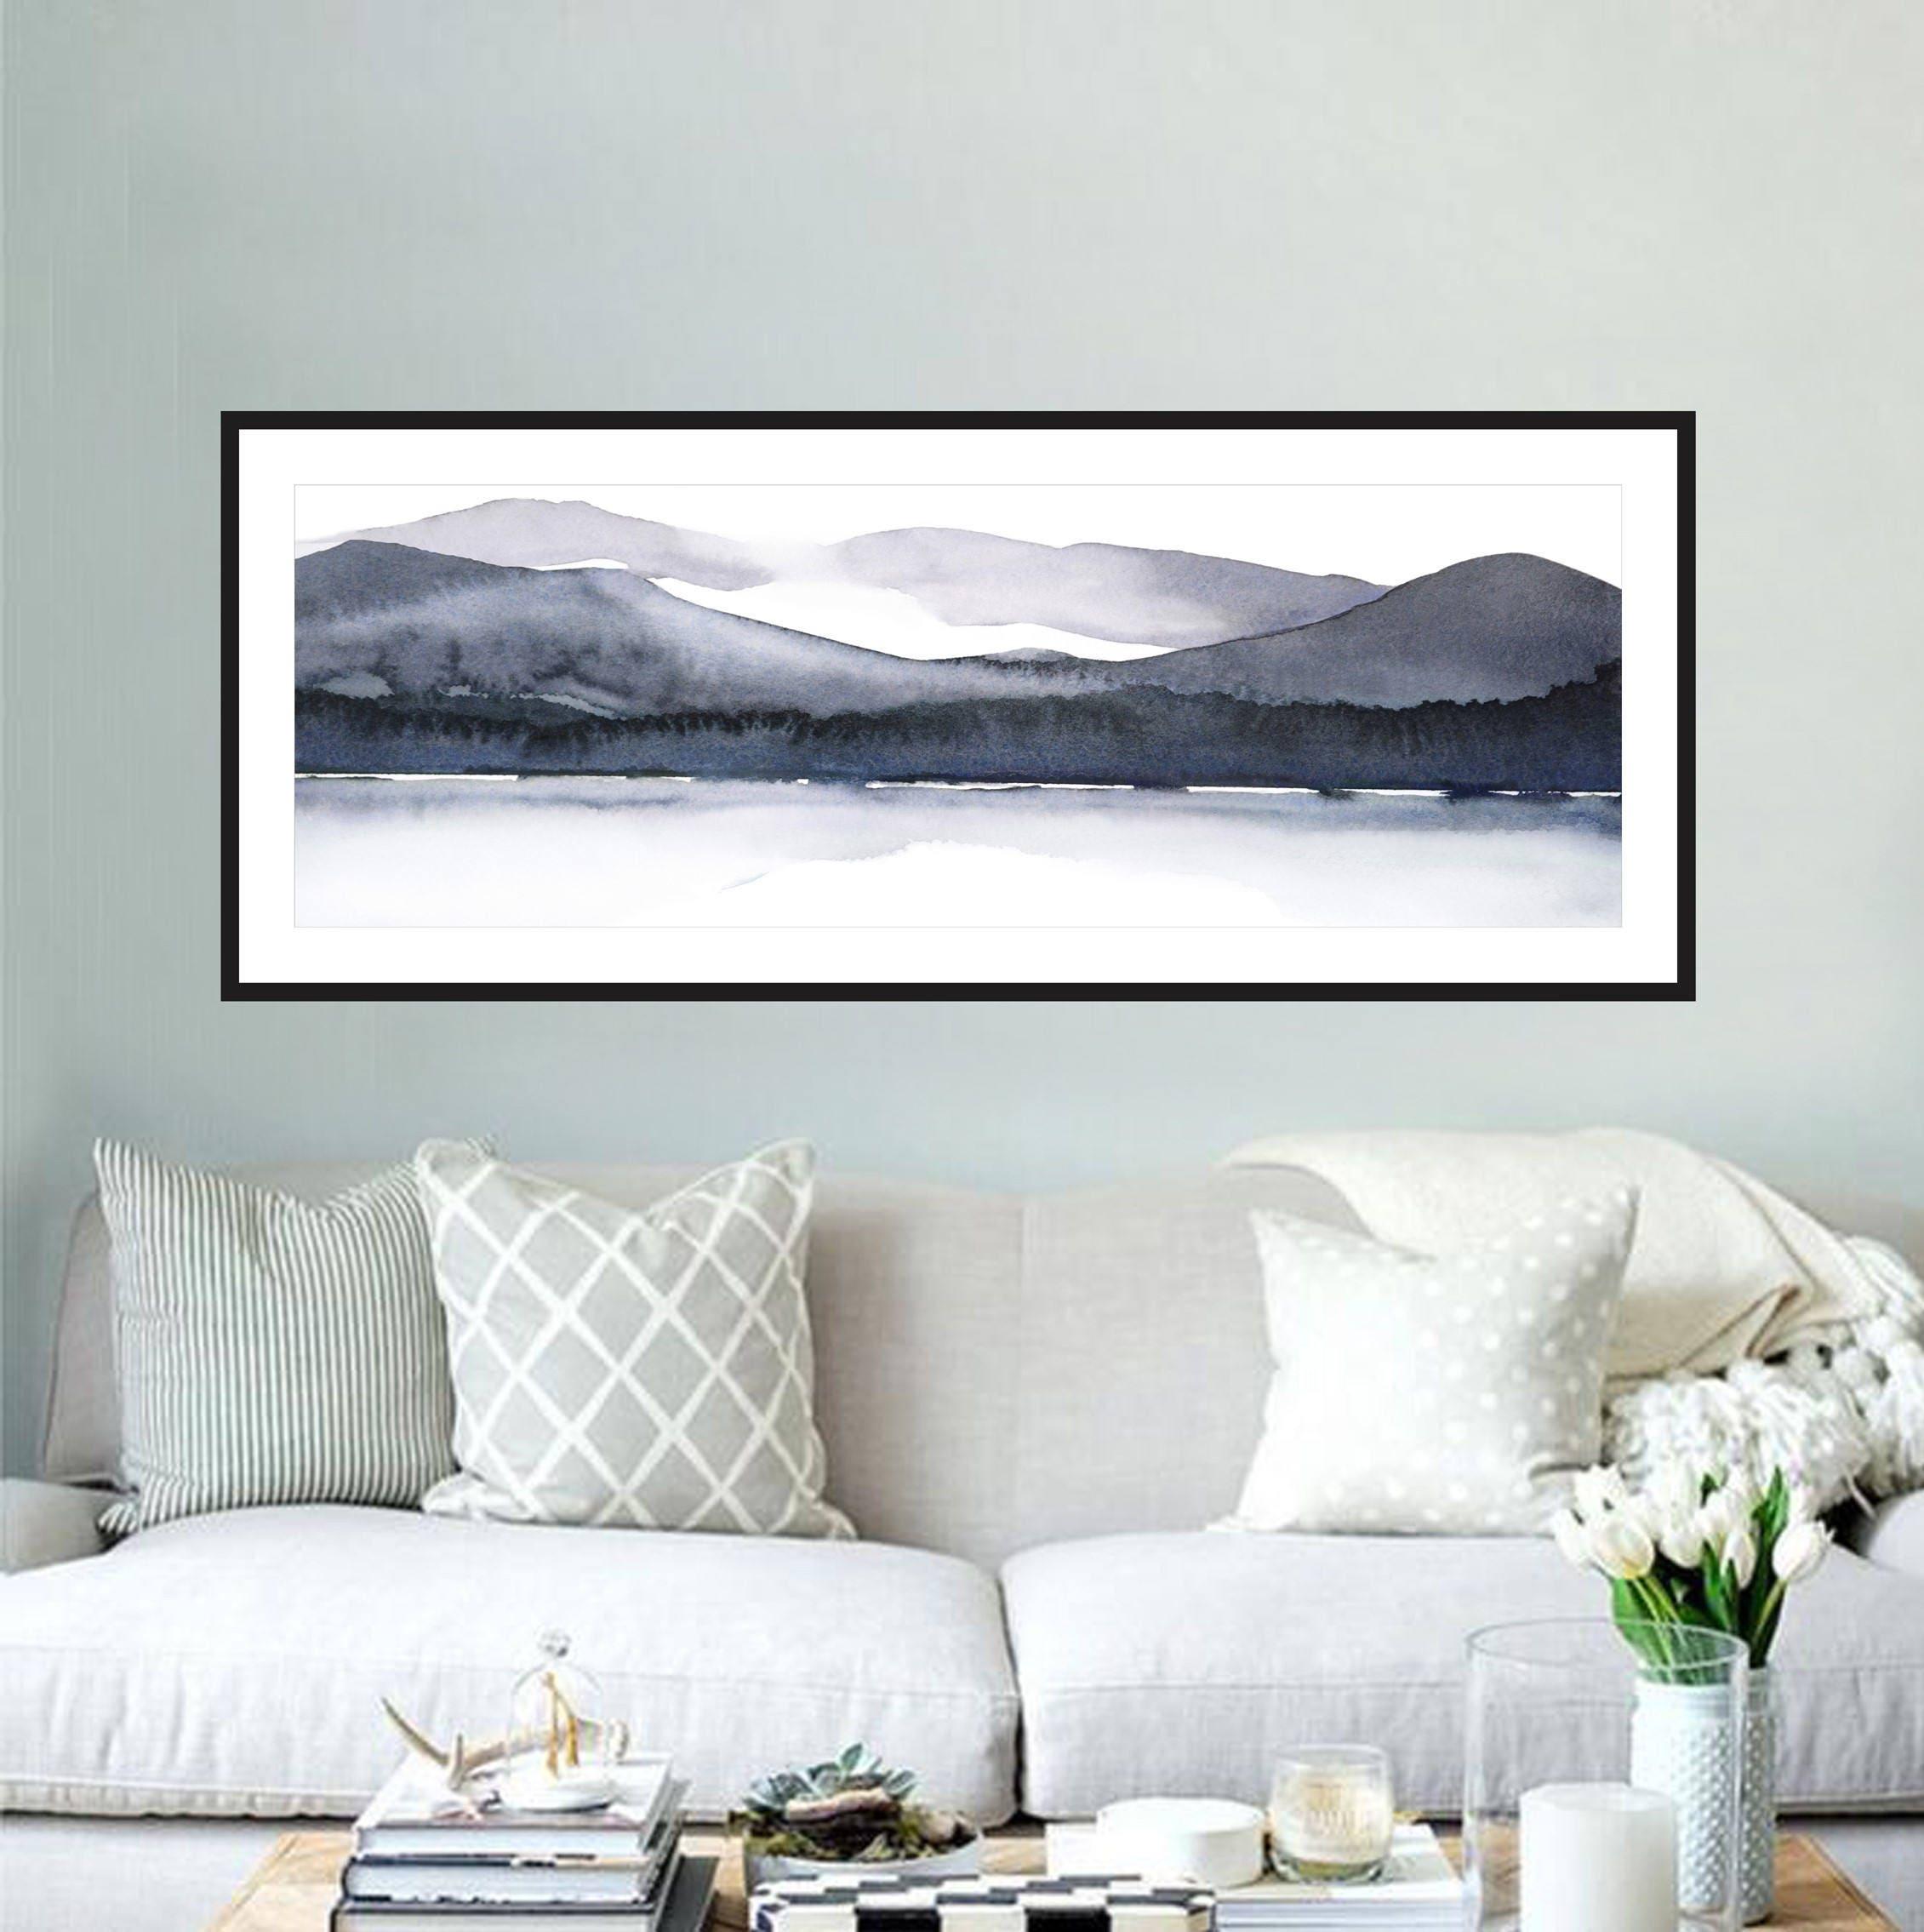 Große Landschaft Aquarell Druck 12 x 36 Zoll oder 8 x 24